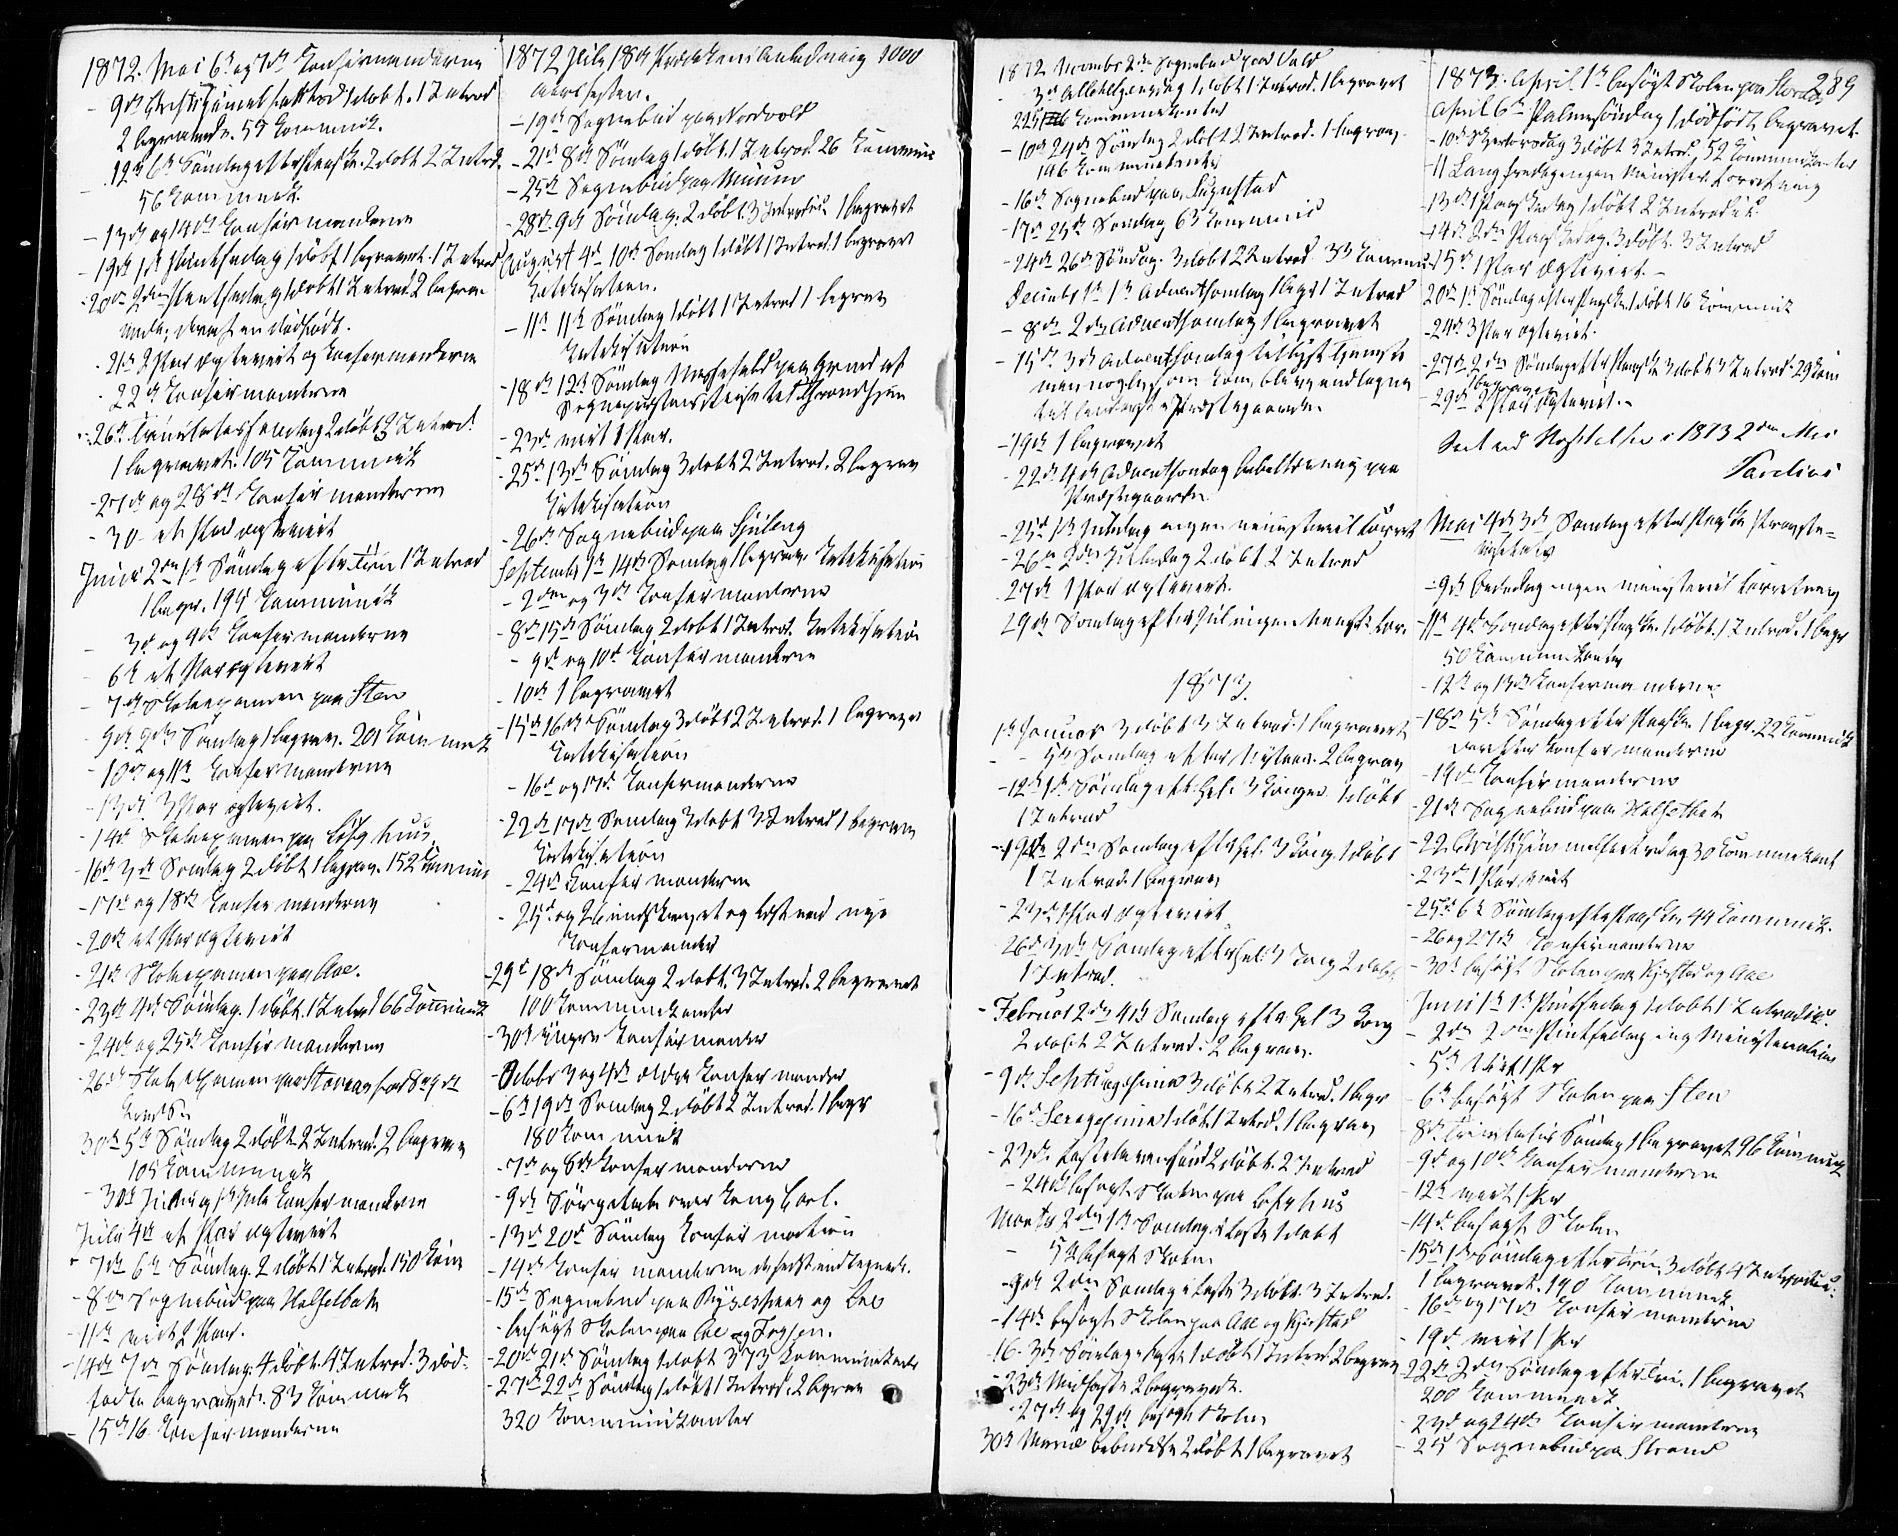 SAT, Ministerialprotokoller, klokkerbøker og fødselsregistre - Sør-Trøndelag, 672/L0856: Ministerialbok nr. 672A08, 1861-1881, s. 289